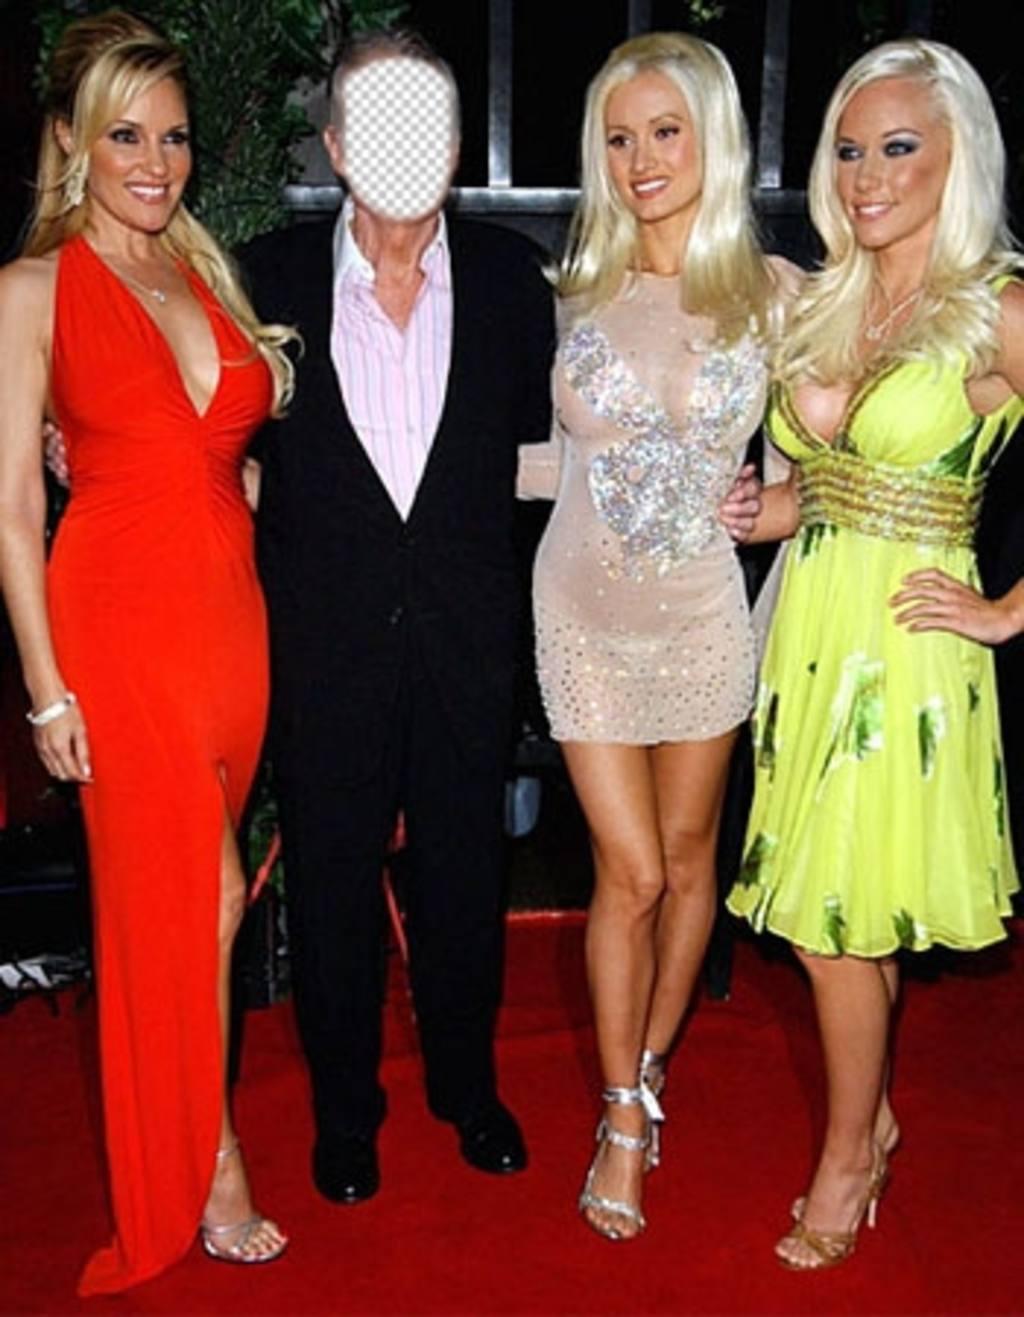 Fotomontaje editable del dueño de la famosa revista Playboy con las chicas